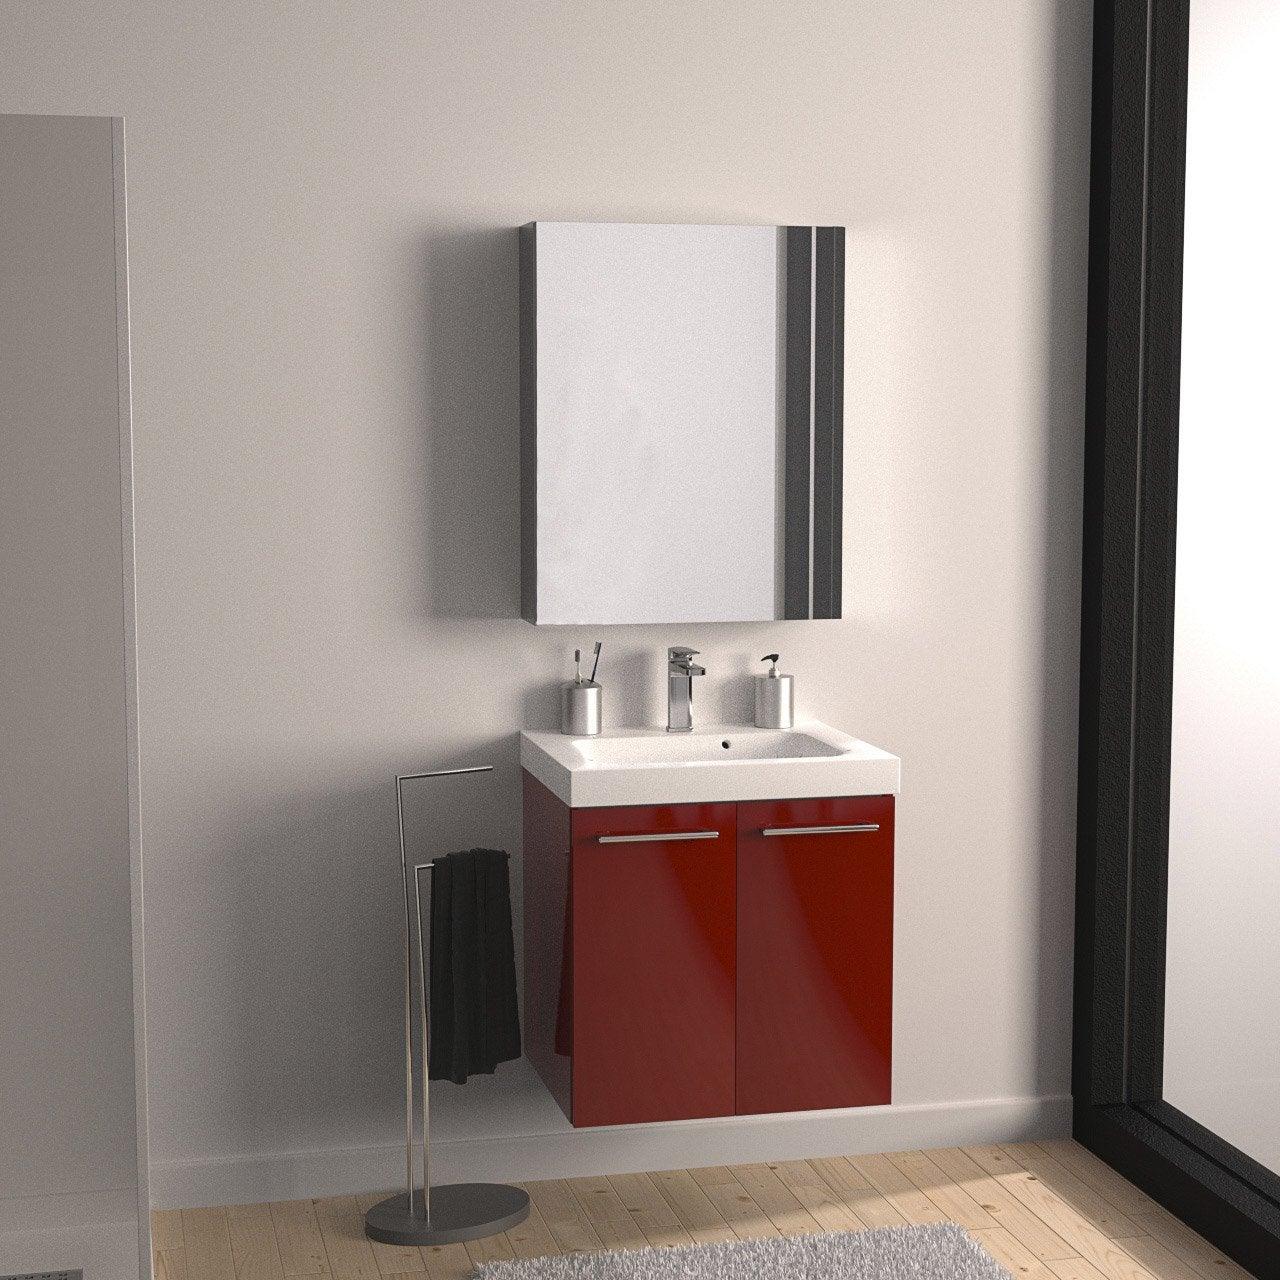 meuble vasque x x cm rouge sensea remix. Black Bedroom Furniture Sets. Home Design Ideas